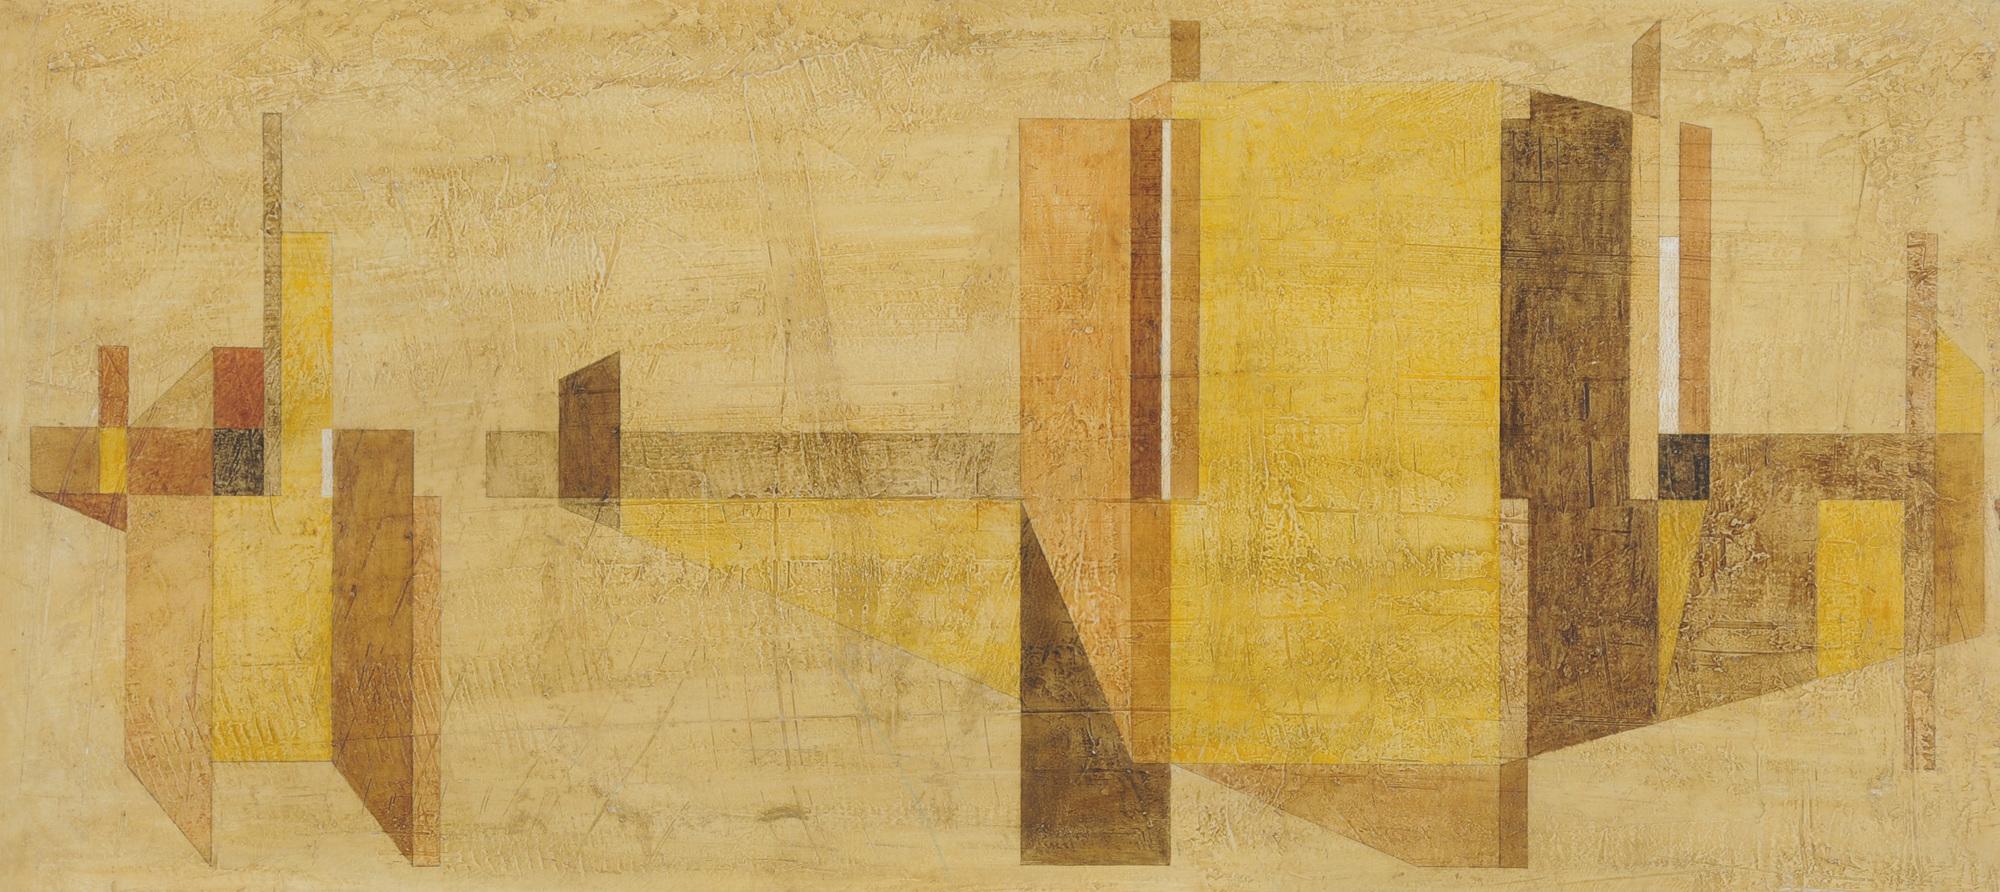 Gessner Robert Salomon, Murale Komposition